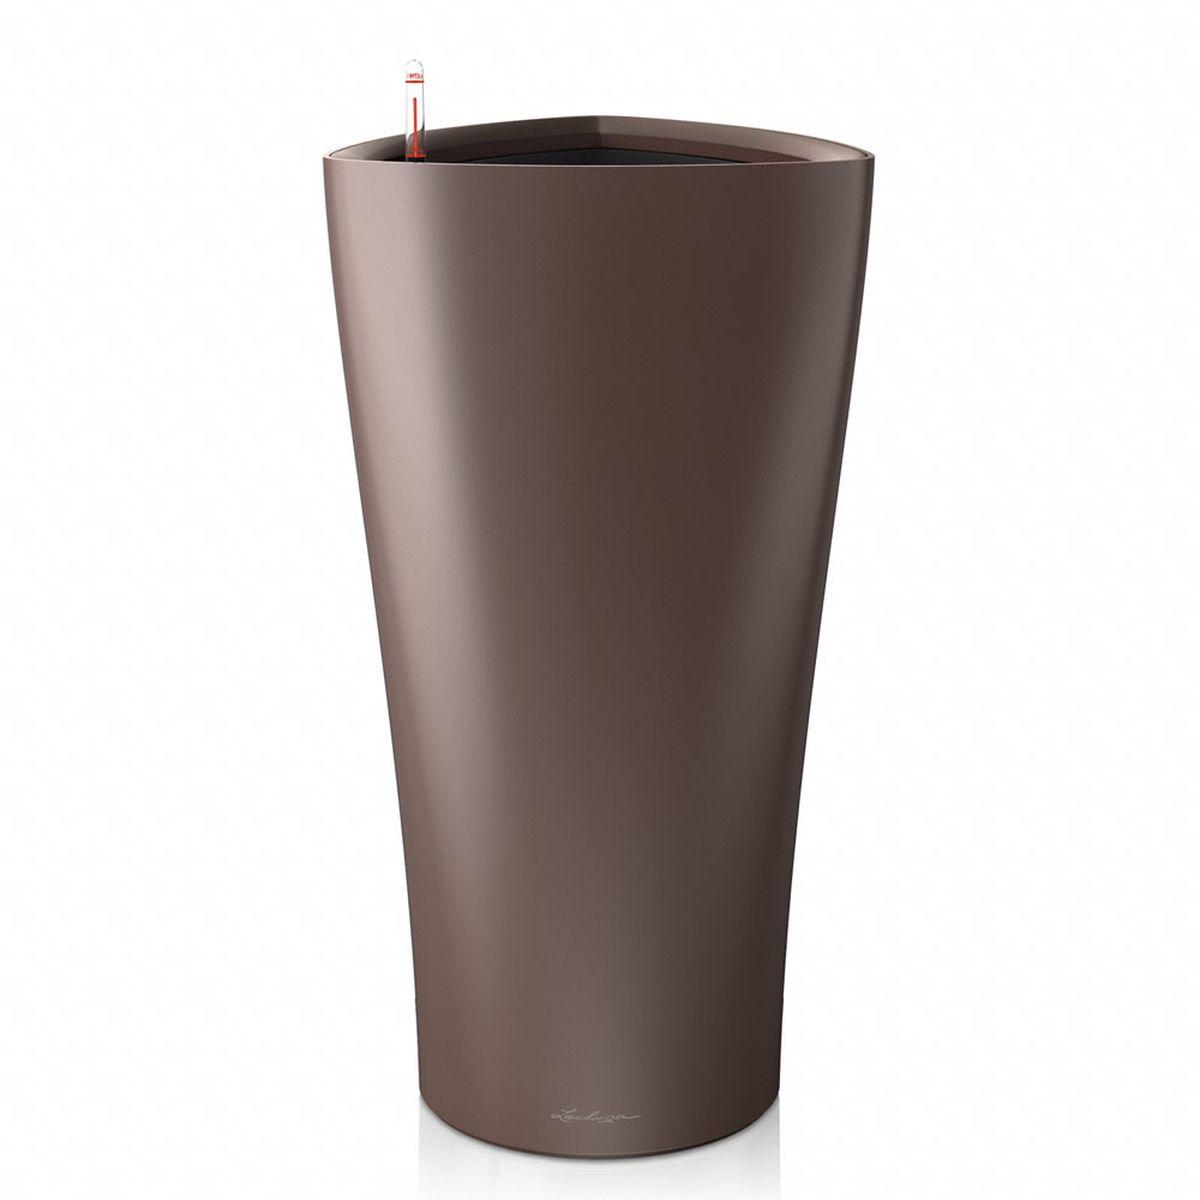 Кашпо Lechuza Delta, с системой автополива, цвет: эспрессо, 30 х 30 х 56 см15500Кашпо Lechuza Delta, выполненное извысококачественного пластика, имеет уникальную системуавтополива, благодаря которой корневая система растениянепрерывно снабжается влагой из резервуара. Уровень водыв резервуаре контролируется с помощью специальногоиндикатора. В зависимости от размера кашпо и растенияводы хватает на 2-12 недель. Это способствует хорошему ростуцветов и предотвращает переувлажнение. В набор входит: кашпо, внутренний горшок, индикатор уровняводы, вал подачи воды, субстрат растений в качестведренажного слоя, резервуар для воды. Кашпо Lechuza Delta прекрасно впишется в любой интерьер.Оно поможет расставить нужные акценты ипридаст помещению вид, соответствующий вашимпредставлениям.